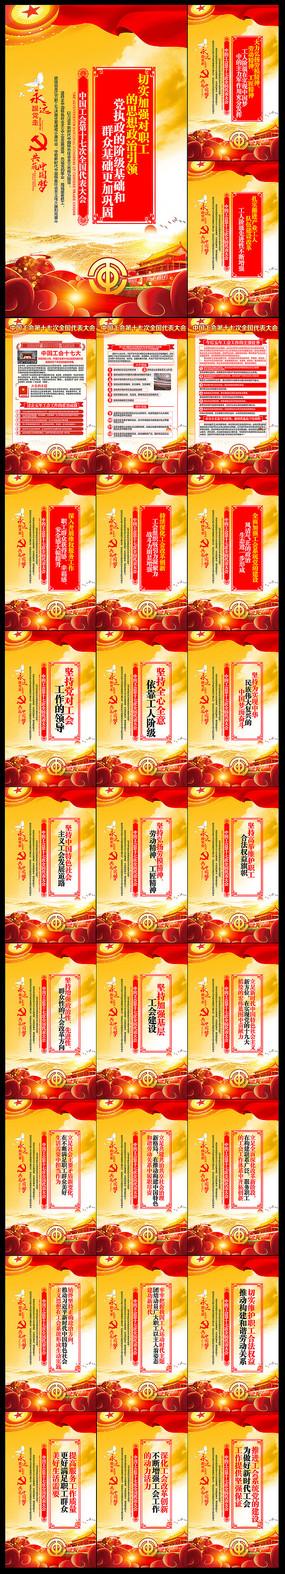 27张中国工会十七大宣传展板